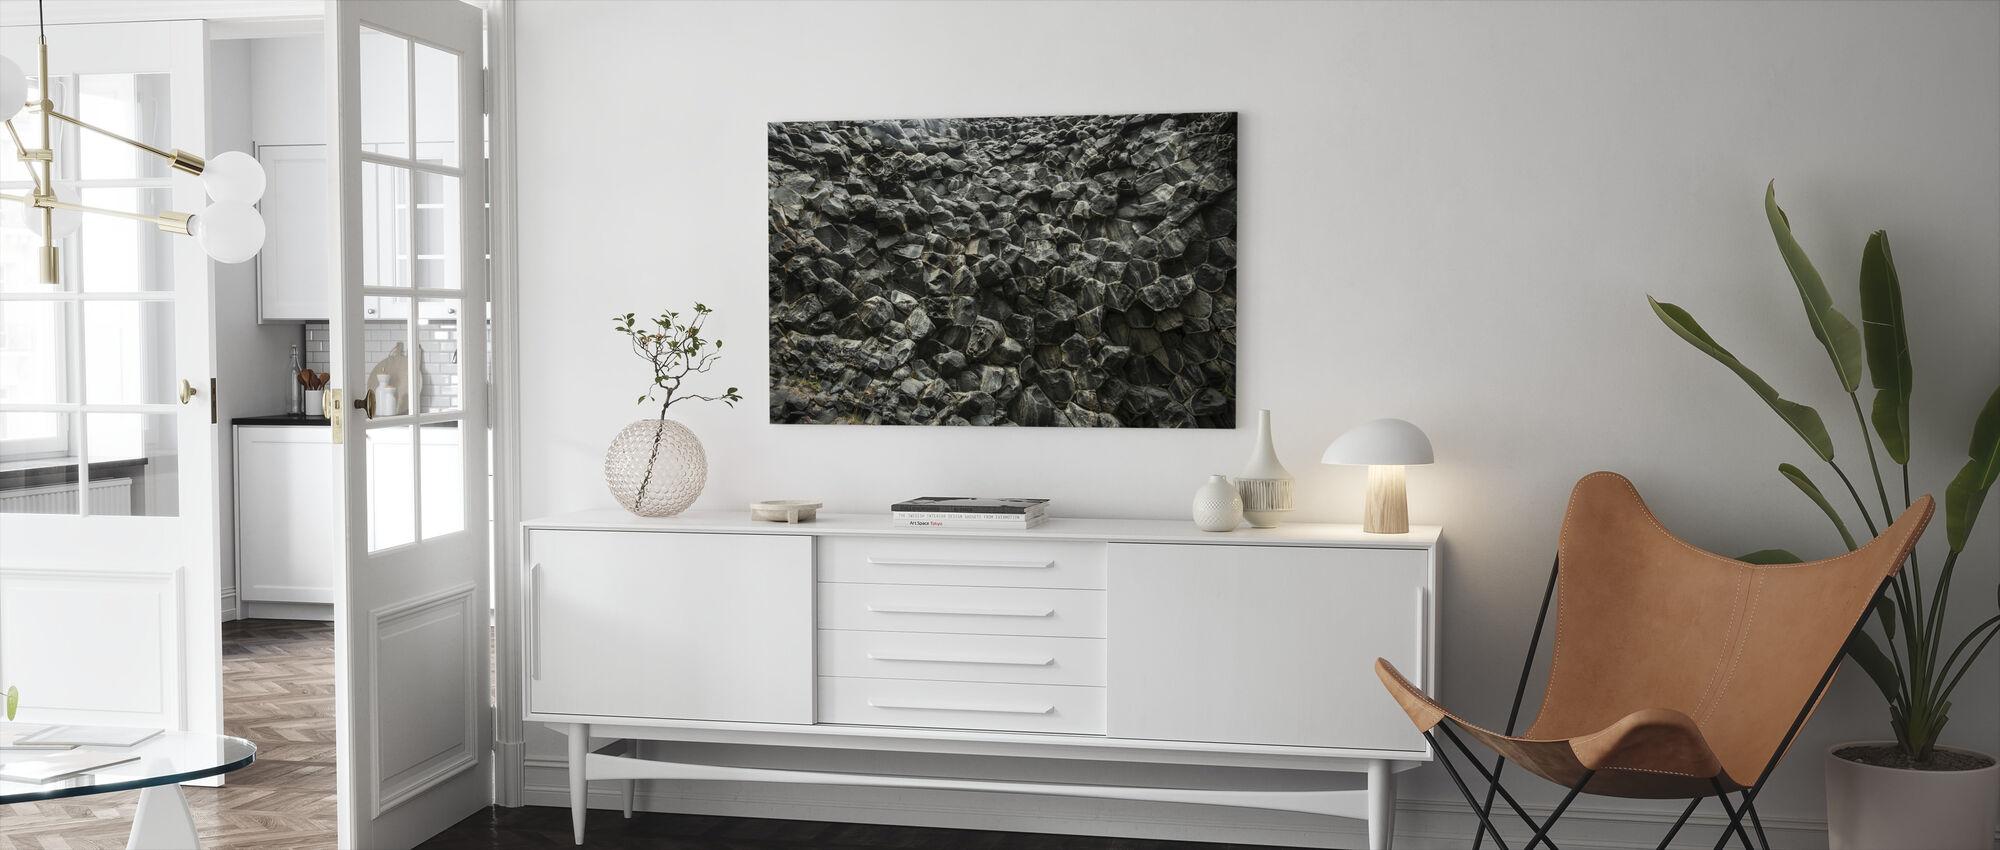 Hunajakenno kuvioitu basaltti seinä - Canvastaulu - Olohuone